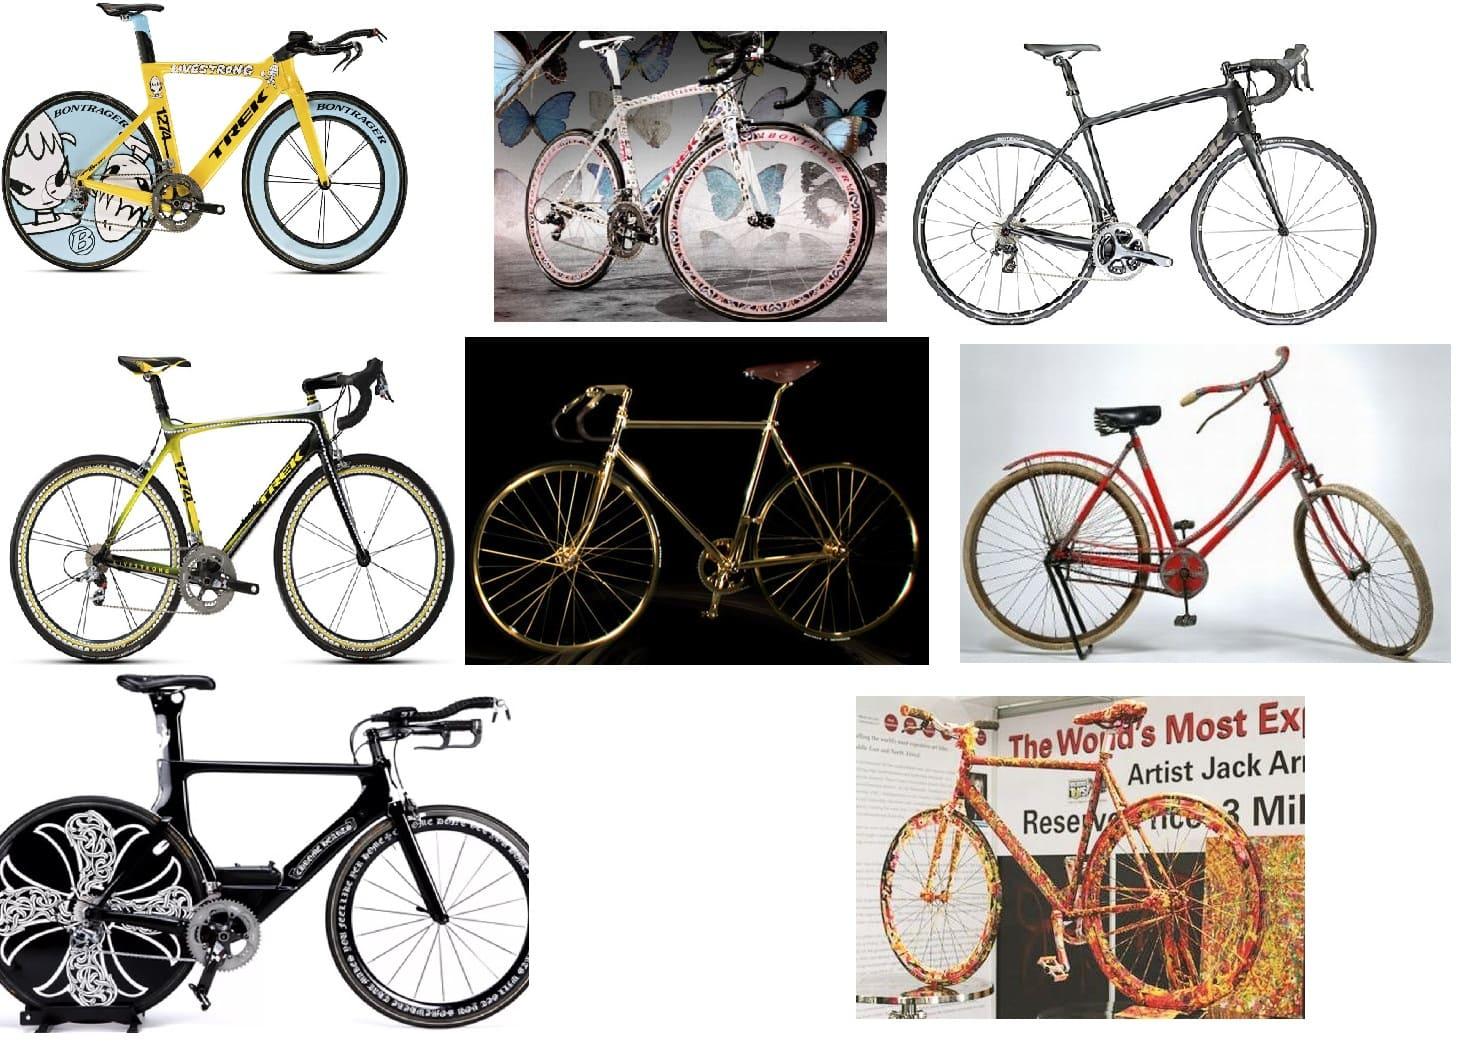 أثمن 8 دراجات في العالم